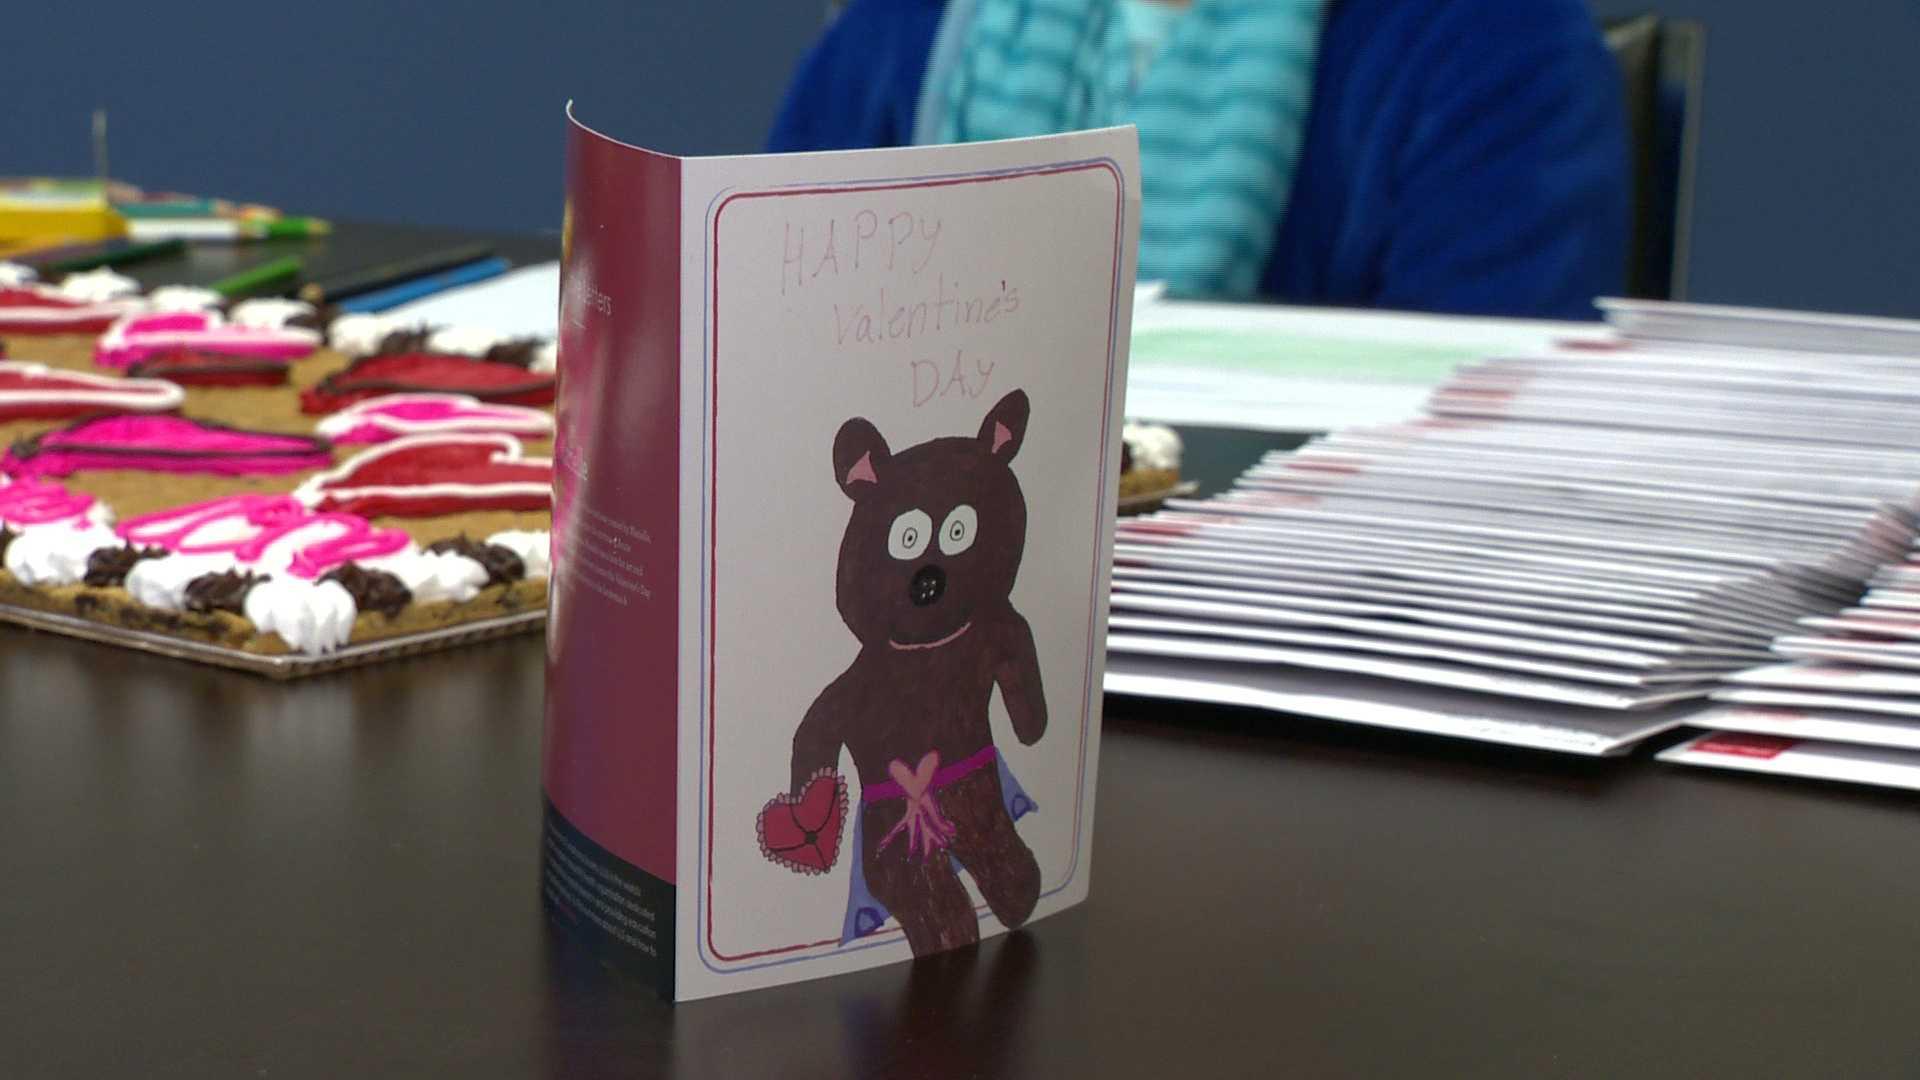 Marielle's card